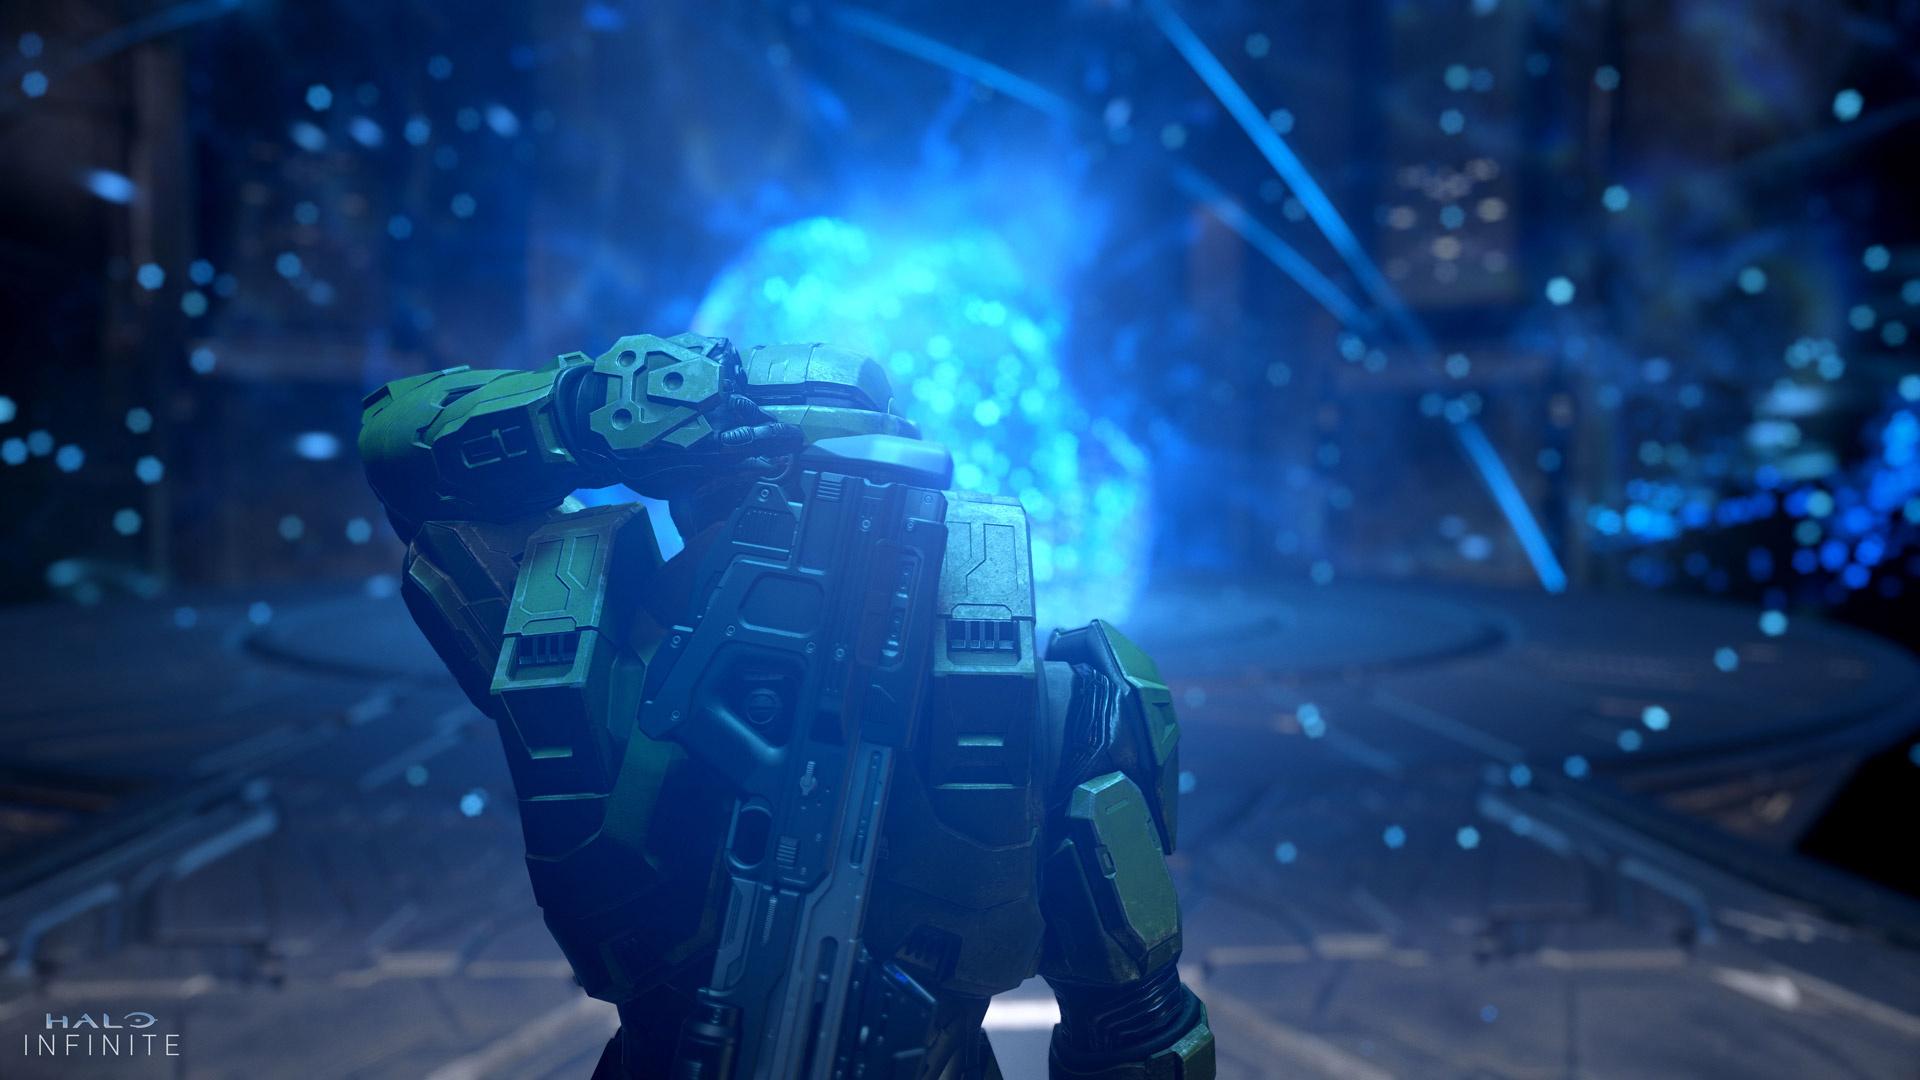 Официально: мультиплеер Halo Infinite будет бесплатным